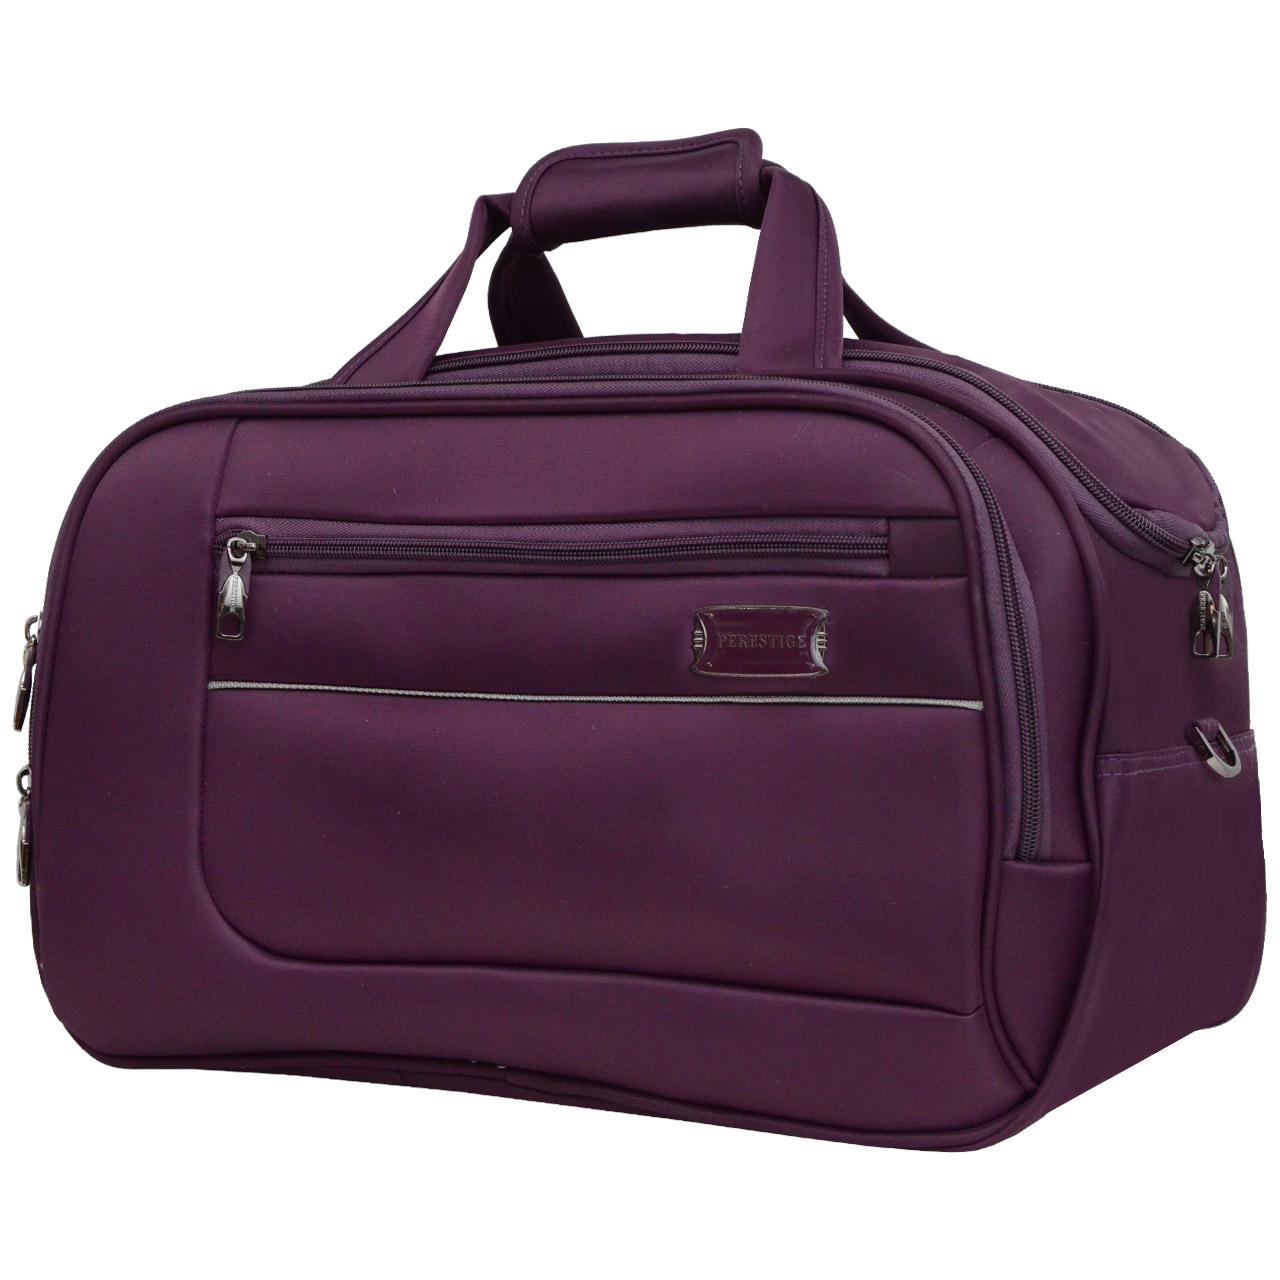 کیف لوازم شخصی پرستیژ مدل LA 203